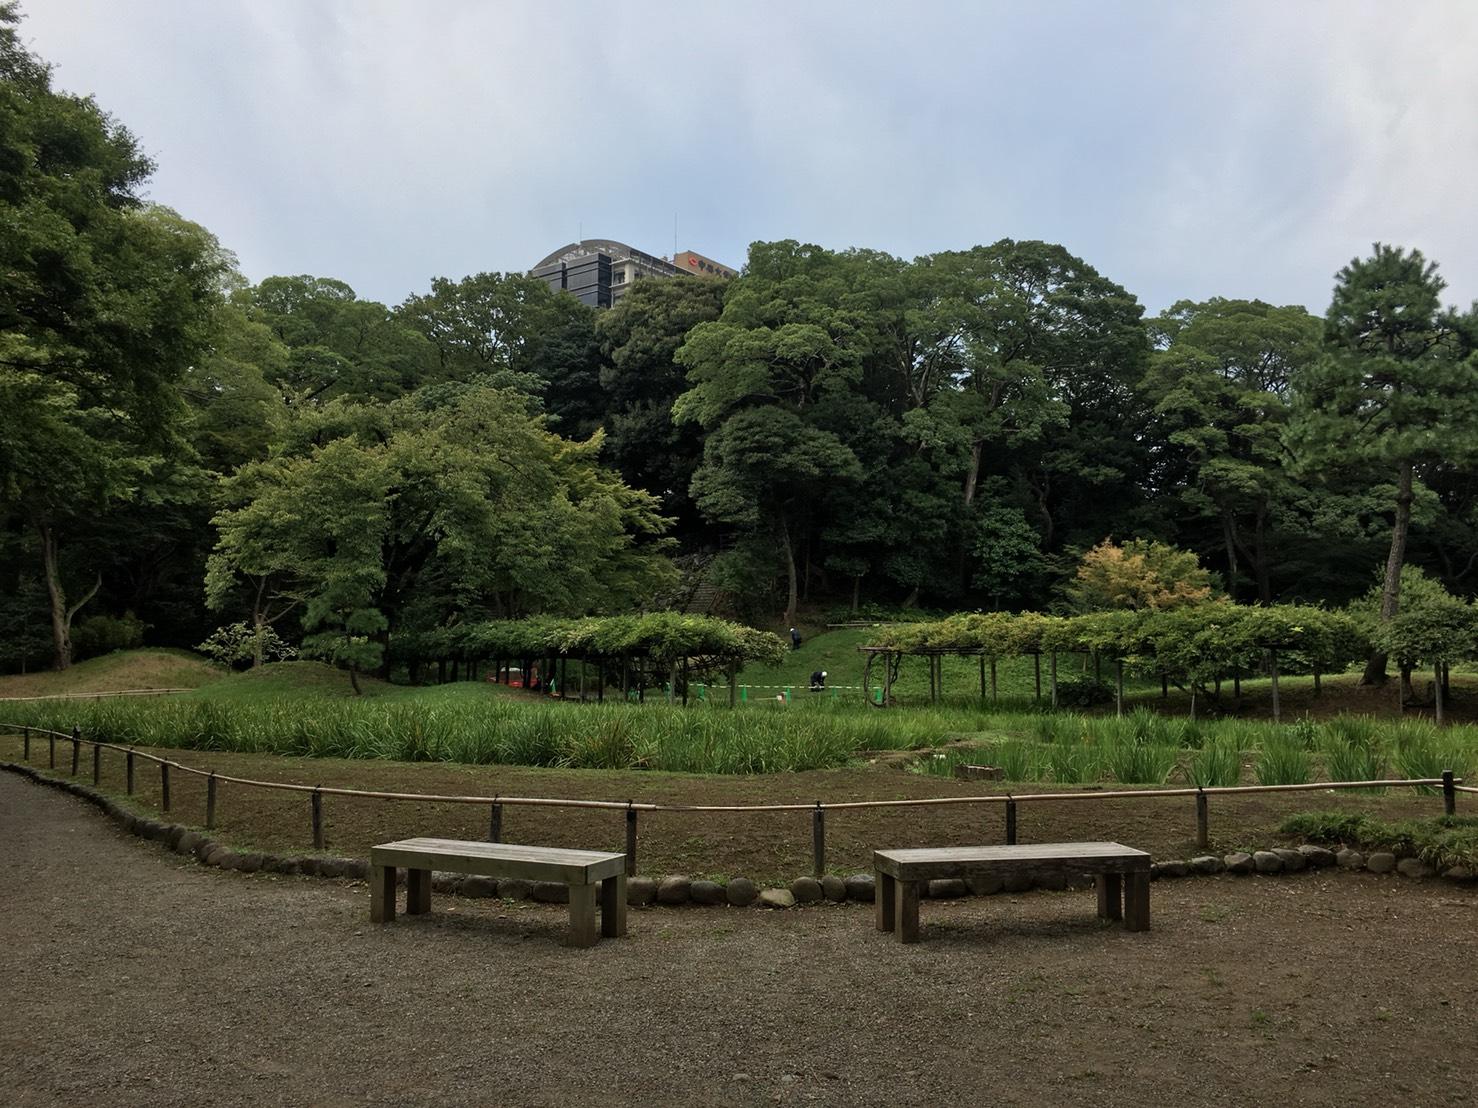 【飯田橋駅】江戸時代の中国趣味豊かな景観で一句「小石川後楽園」の庭園6